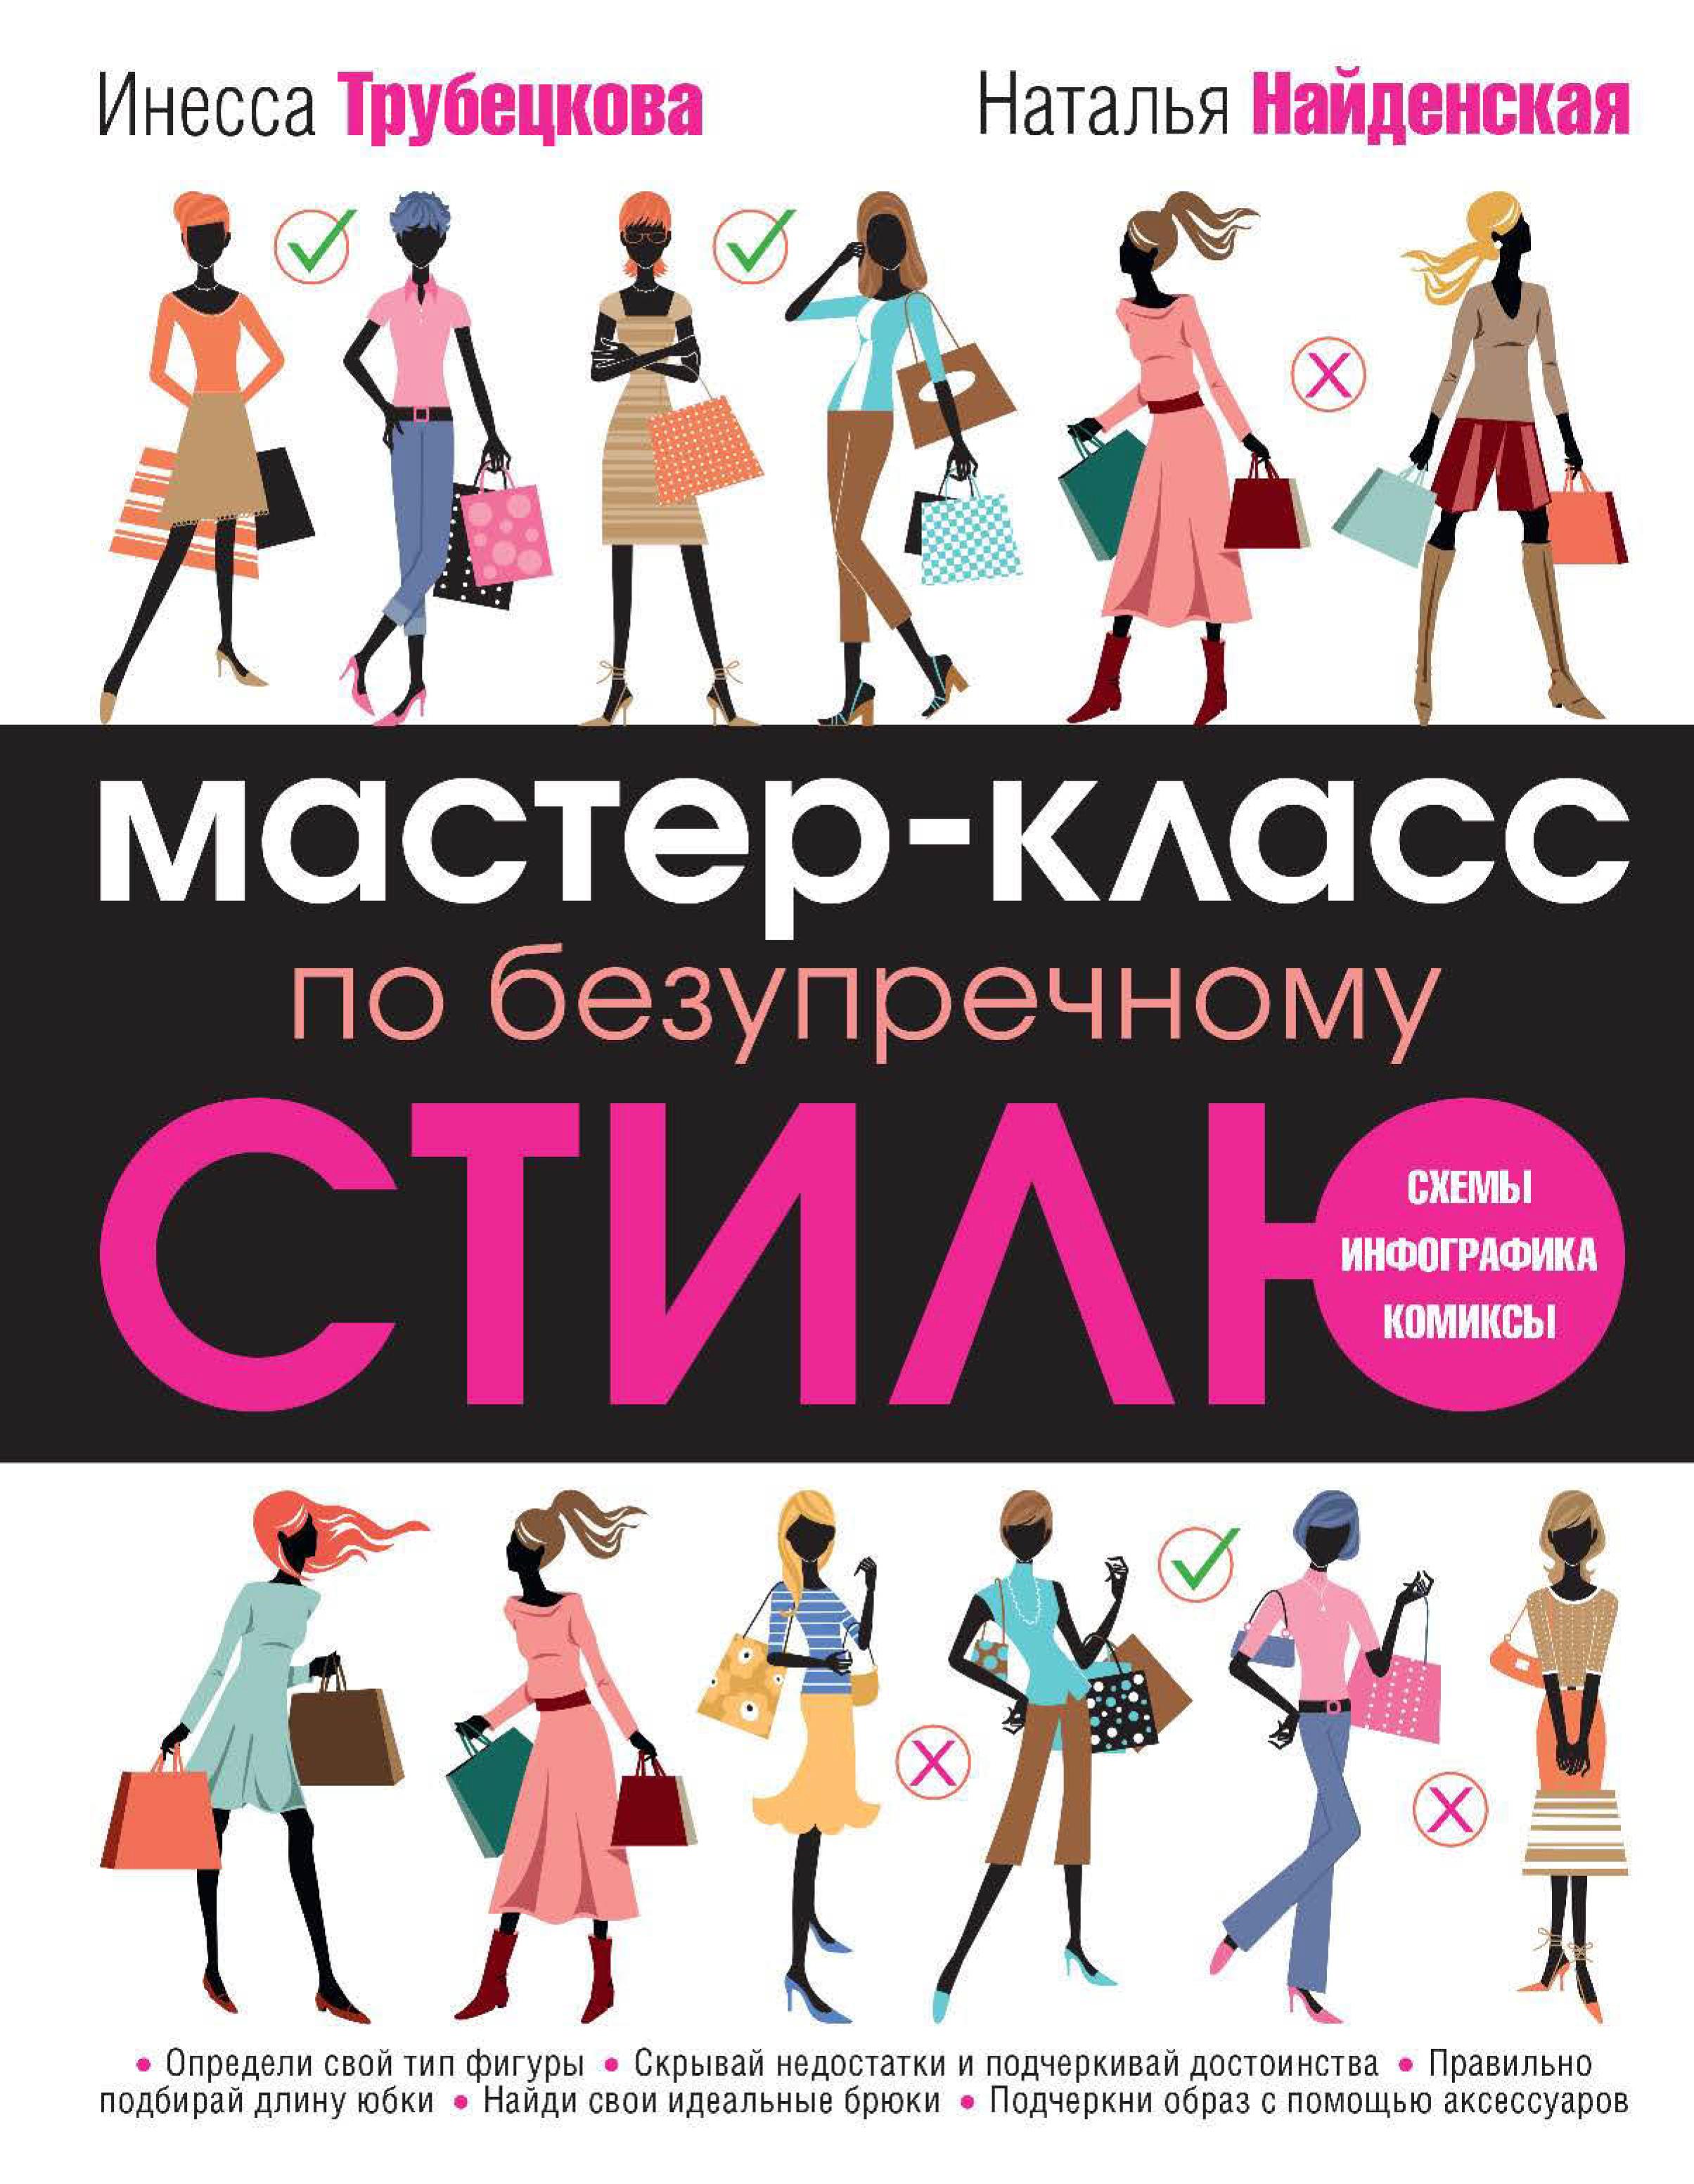 Наталия Найденская Мастер-класс по безупречному стилю найденская н трубецкова и мастер класс по безупречному стилю